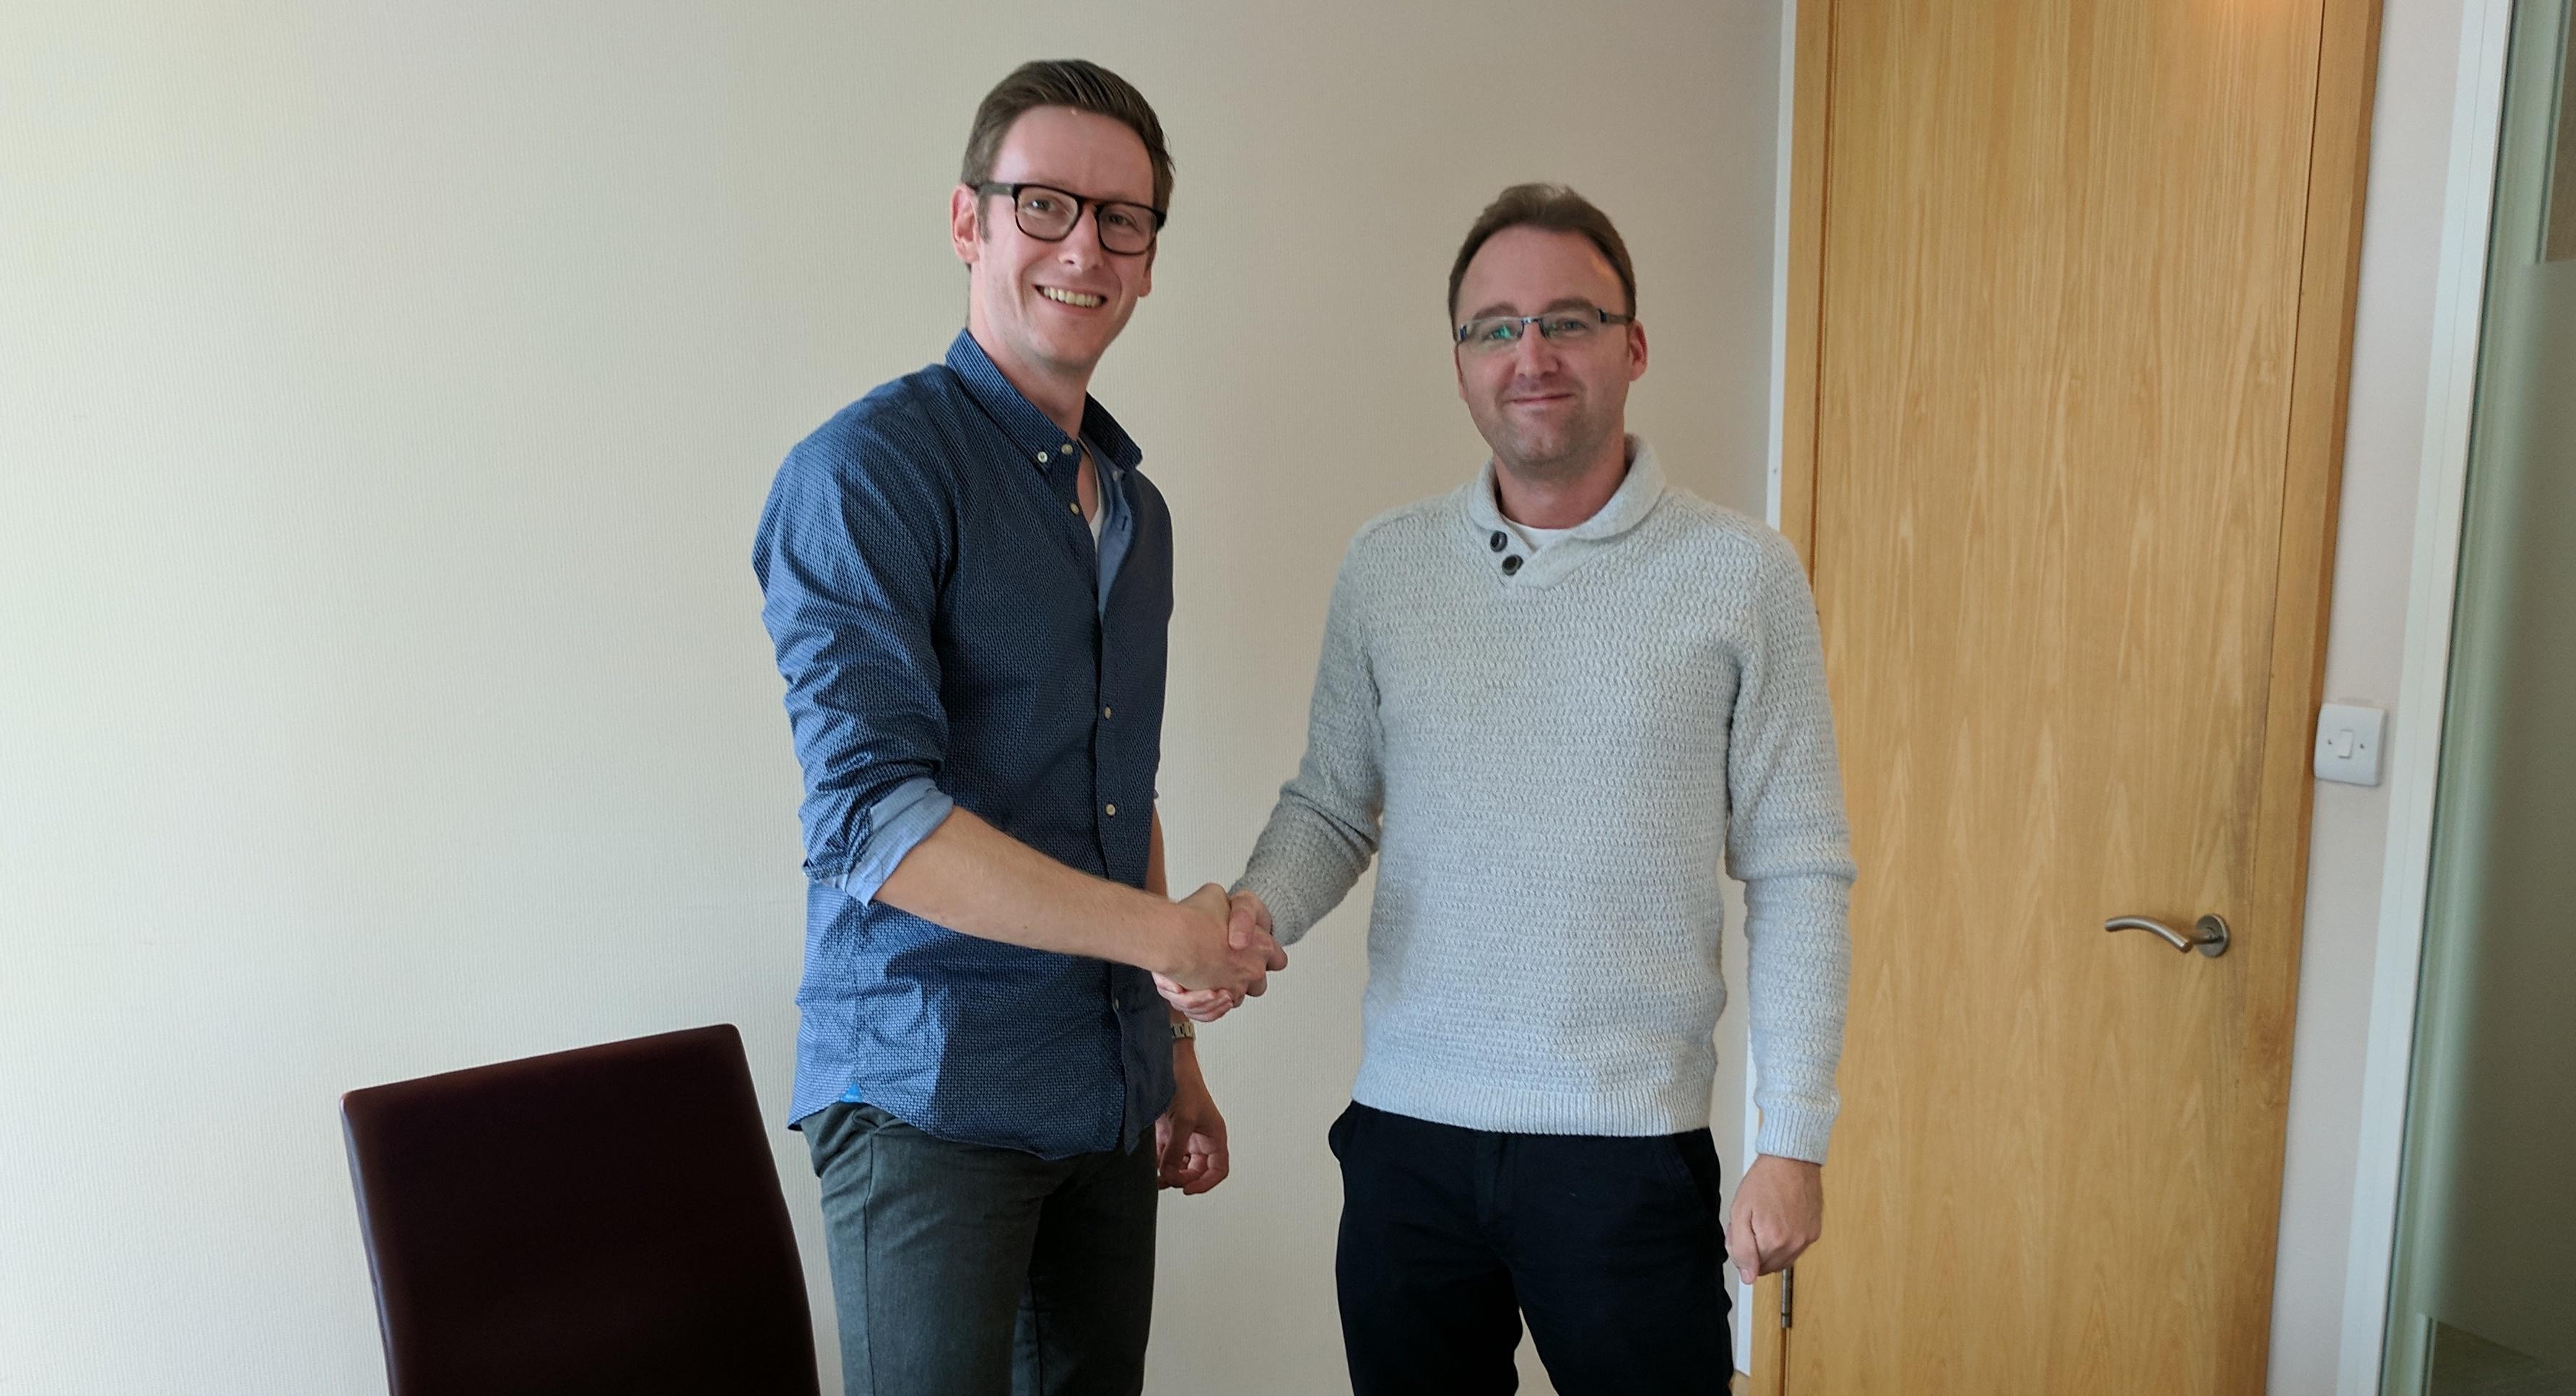 Valentin and Richard - TrekkSoft Group